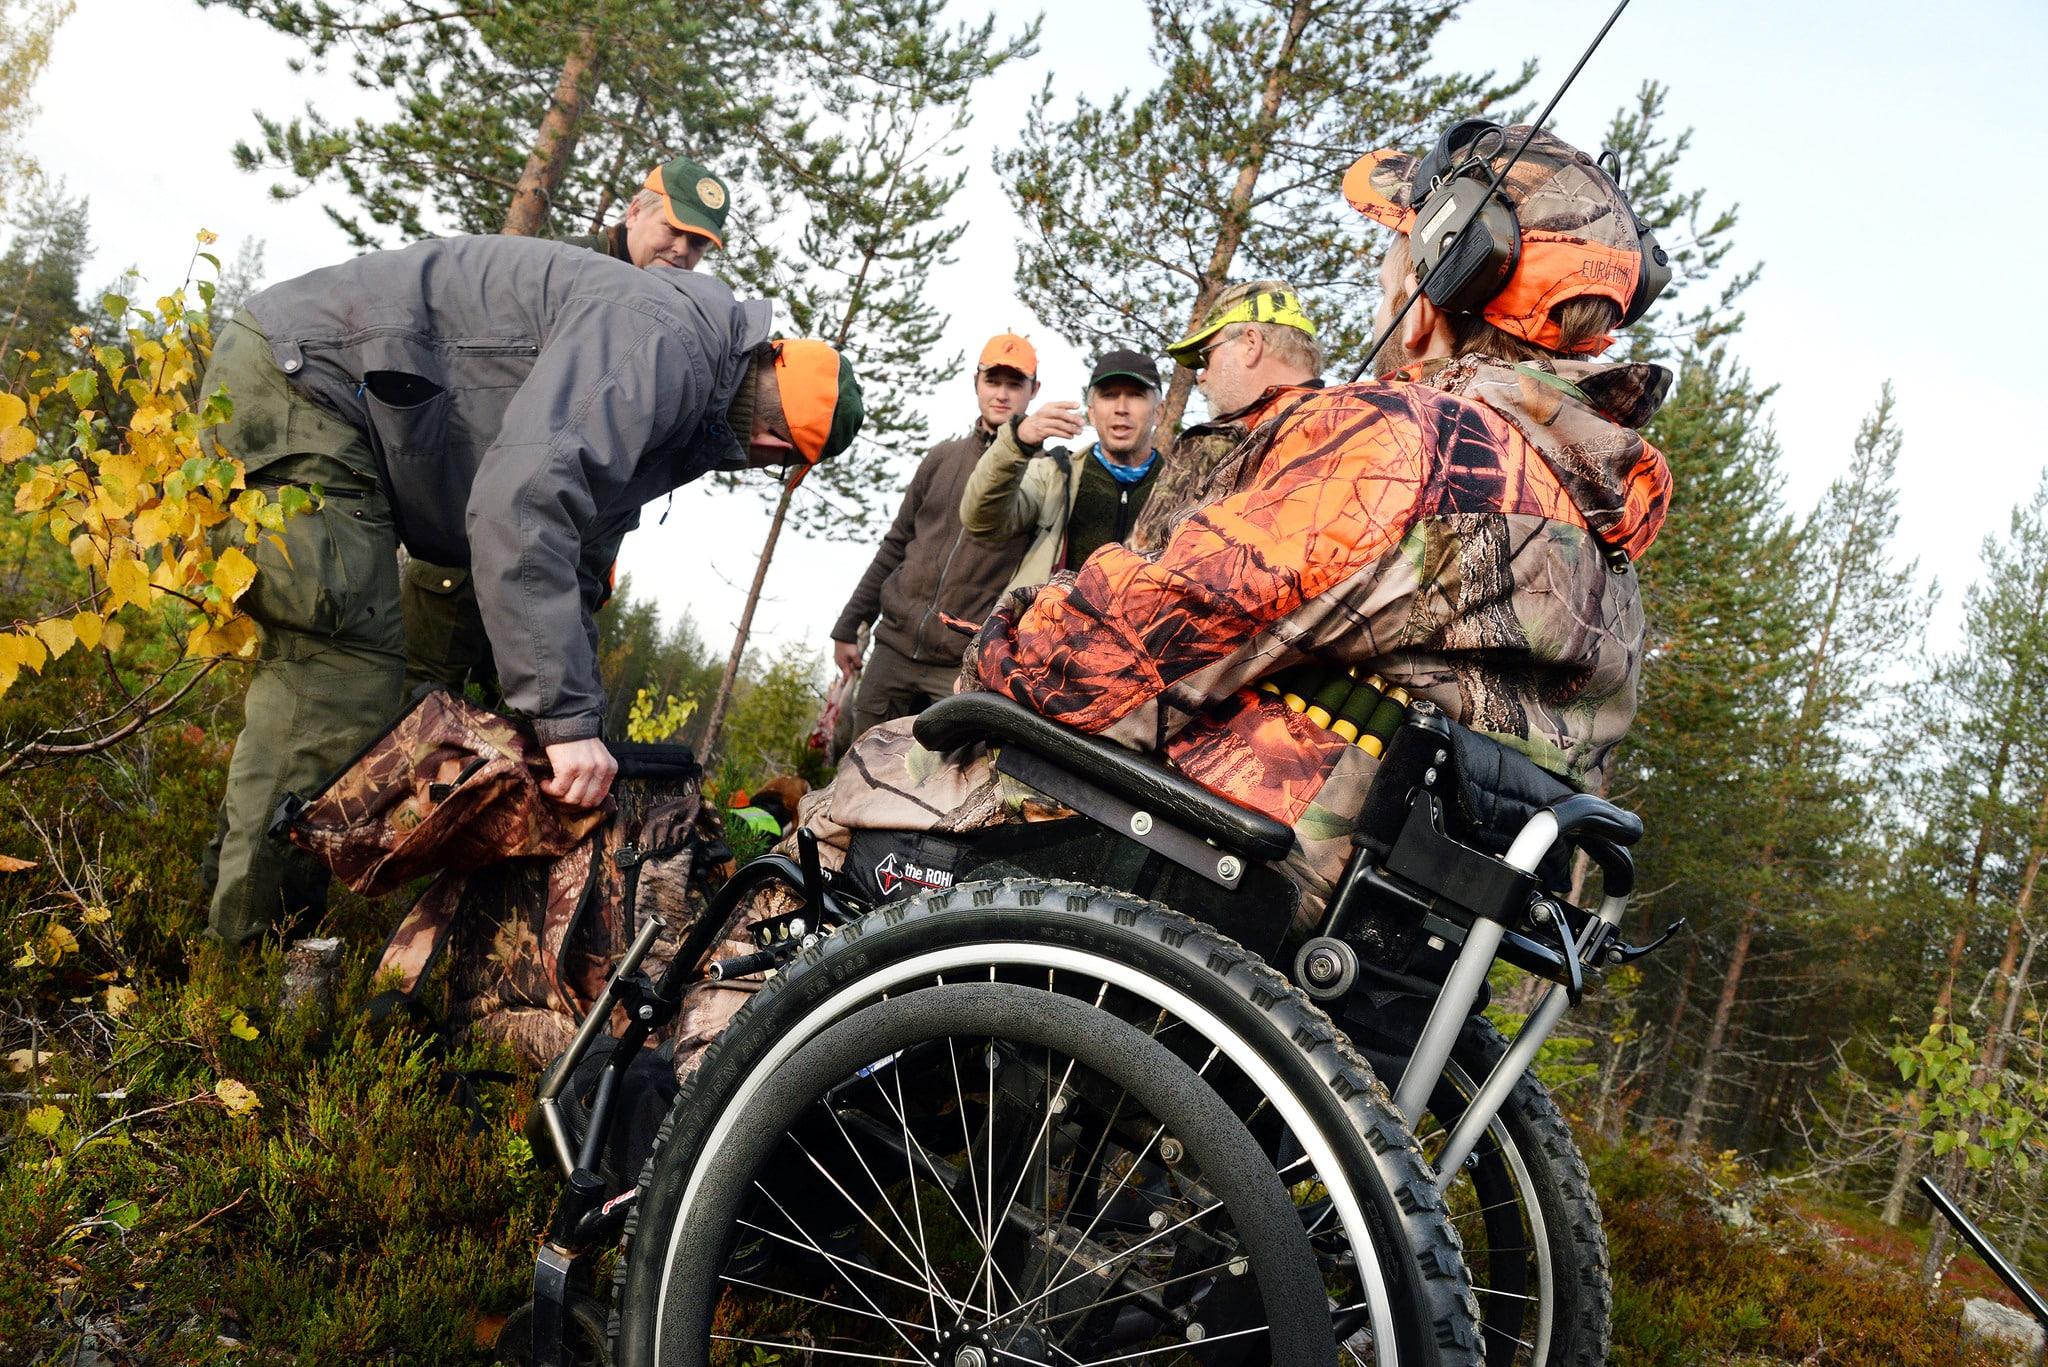 Den för jägare med funktionsnedsättning diskriminerande och otydliga lagstiftningen ska ändras under våren 2016, lovar landsbygdsminister Sven-Erik Bucht (S). Foto: Lars-Henrik Andersson